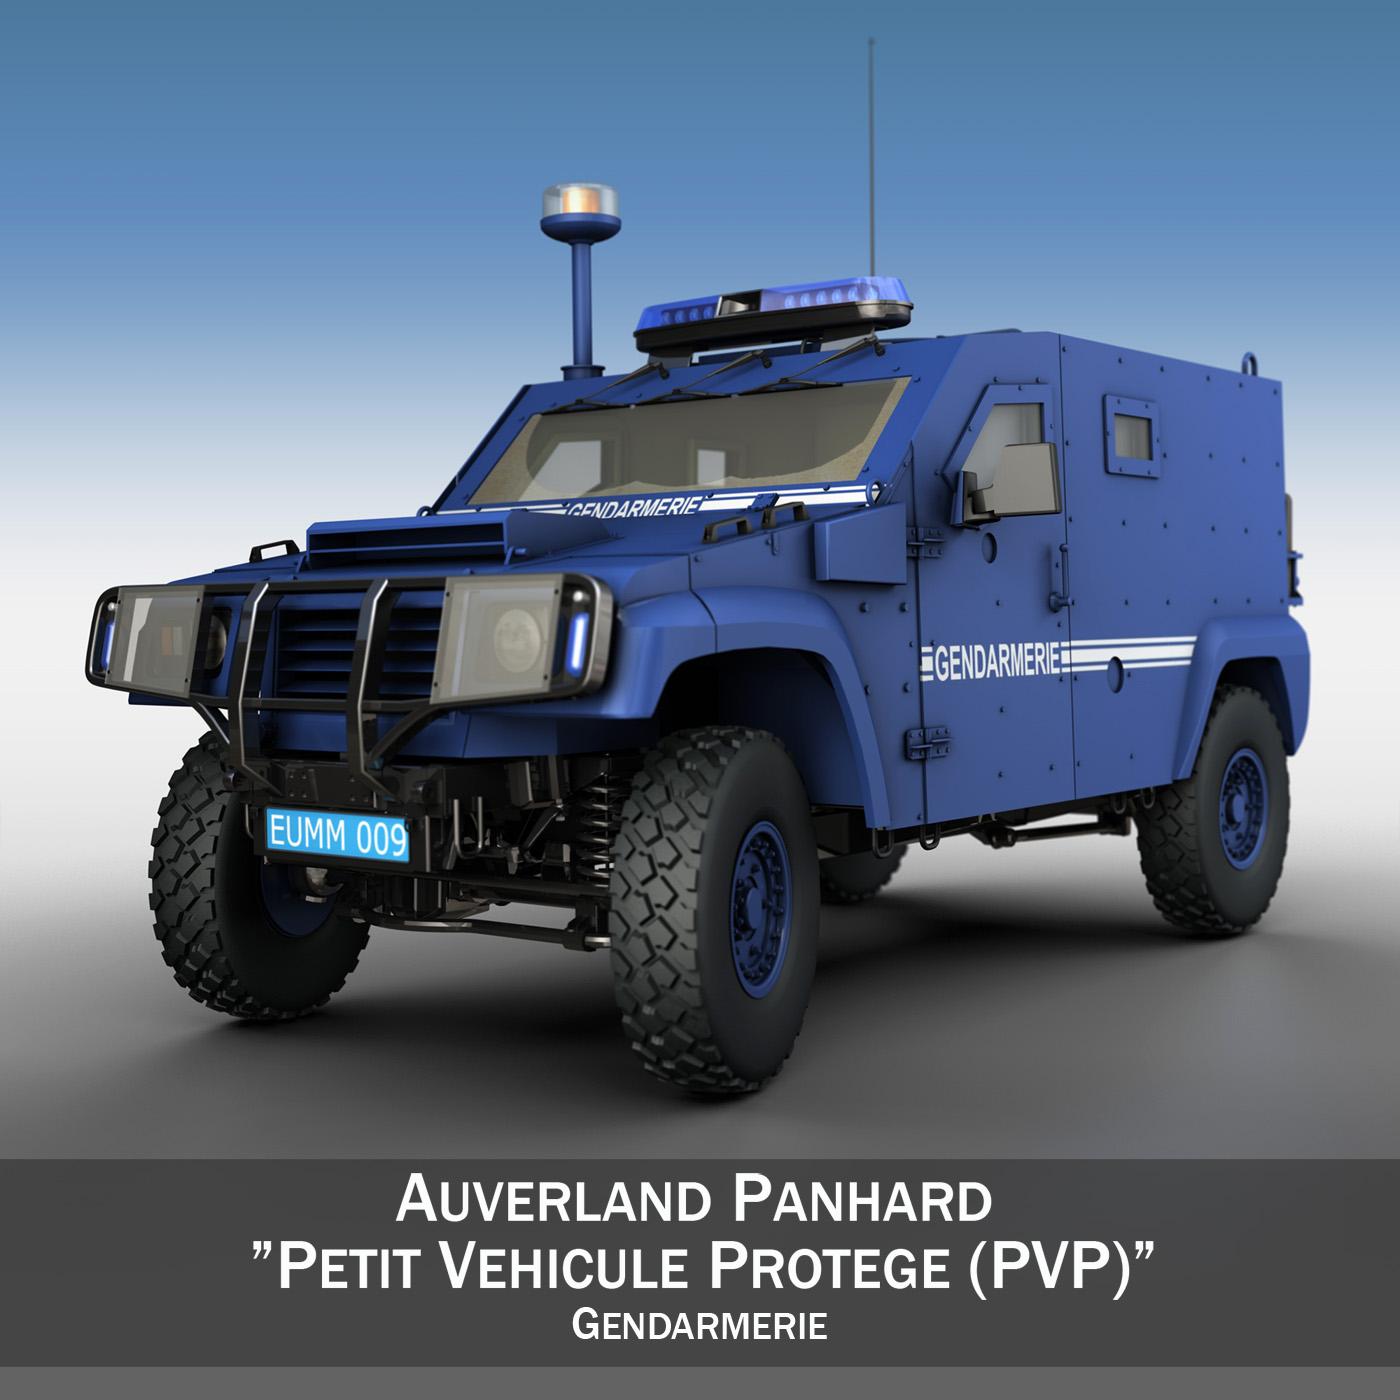 auverland panhard pvp – gendarmerie 3d model 3ds fbx c4d lwo obj 190066